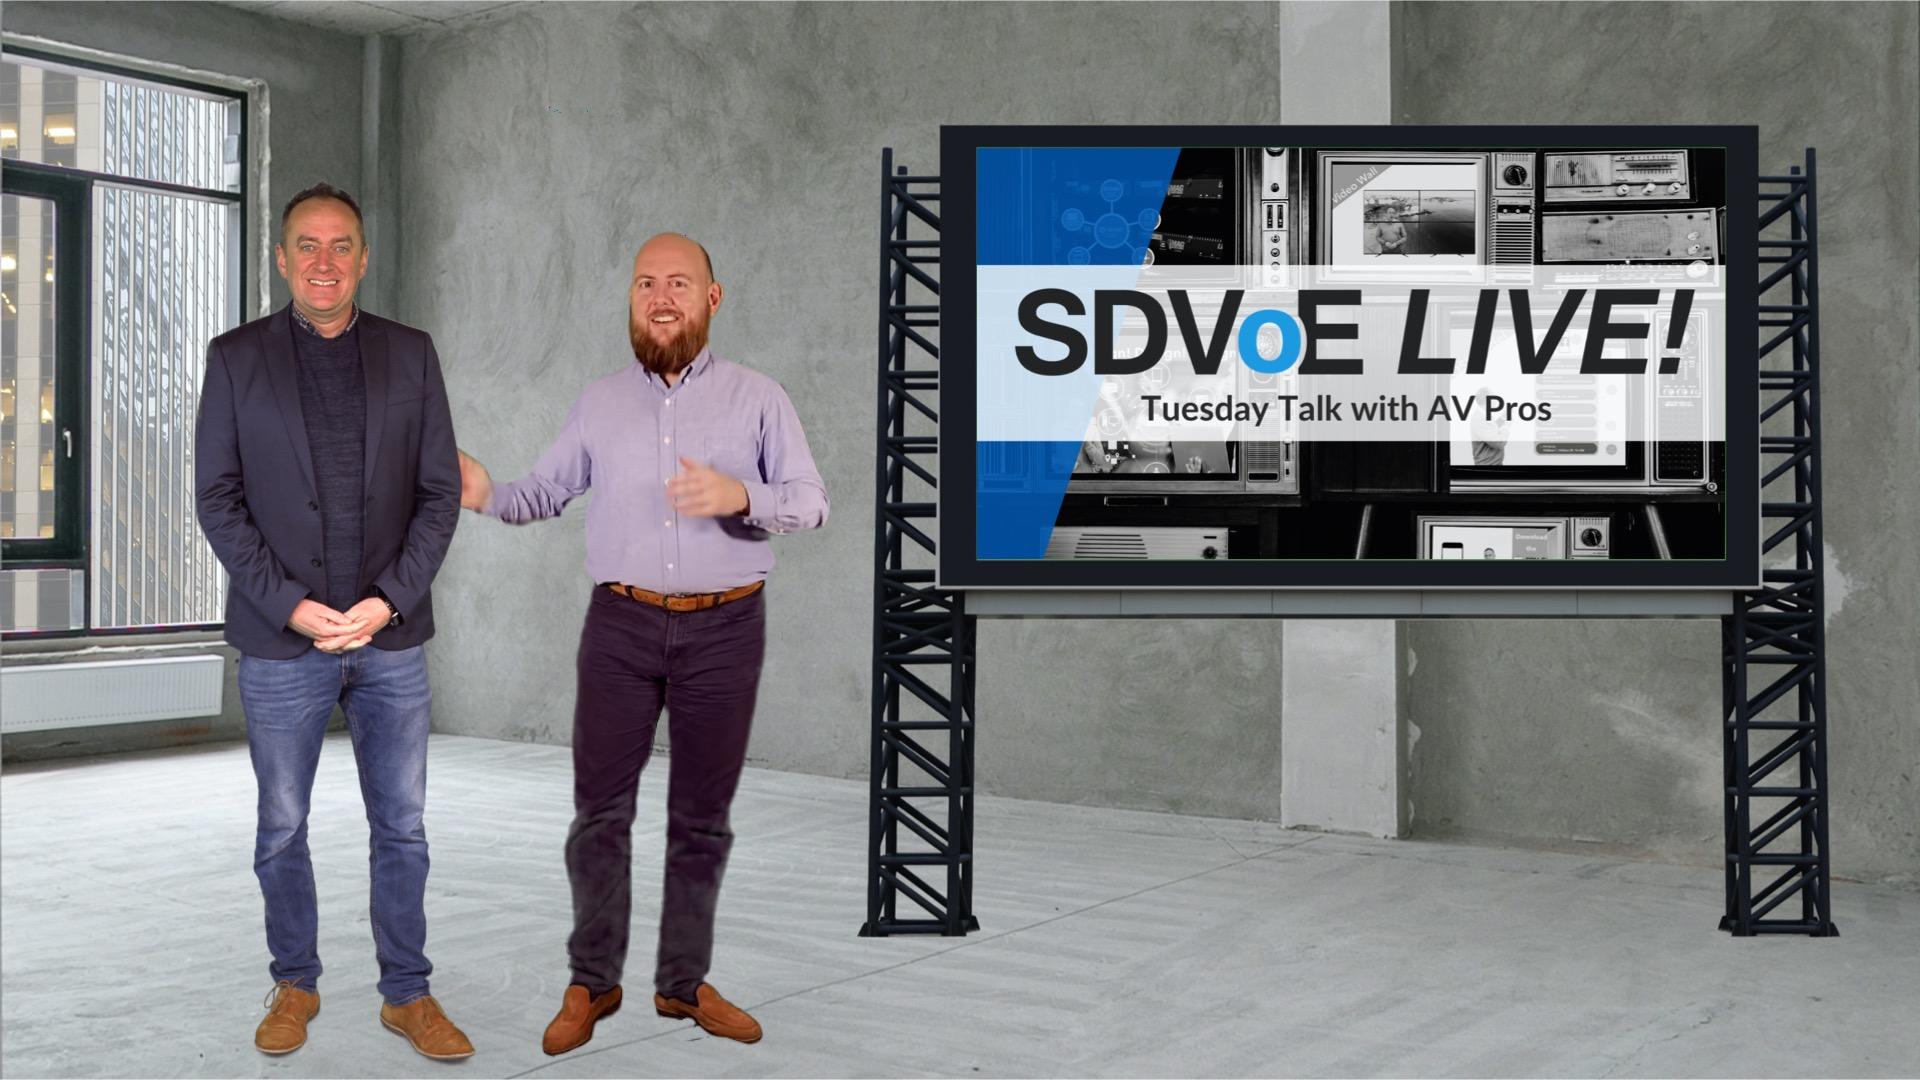 SDVoE LIVE! Episode 3: Leveraging Fiber Optics for Video Distribution